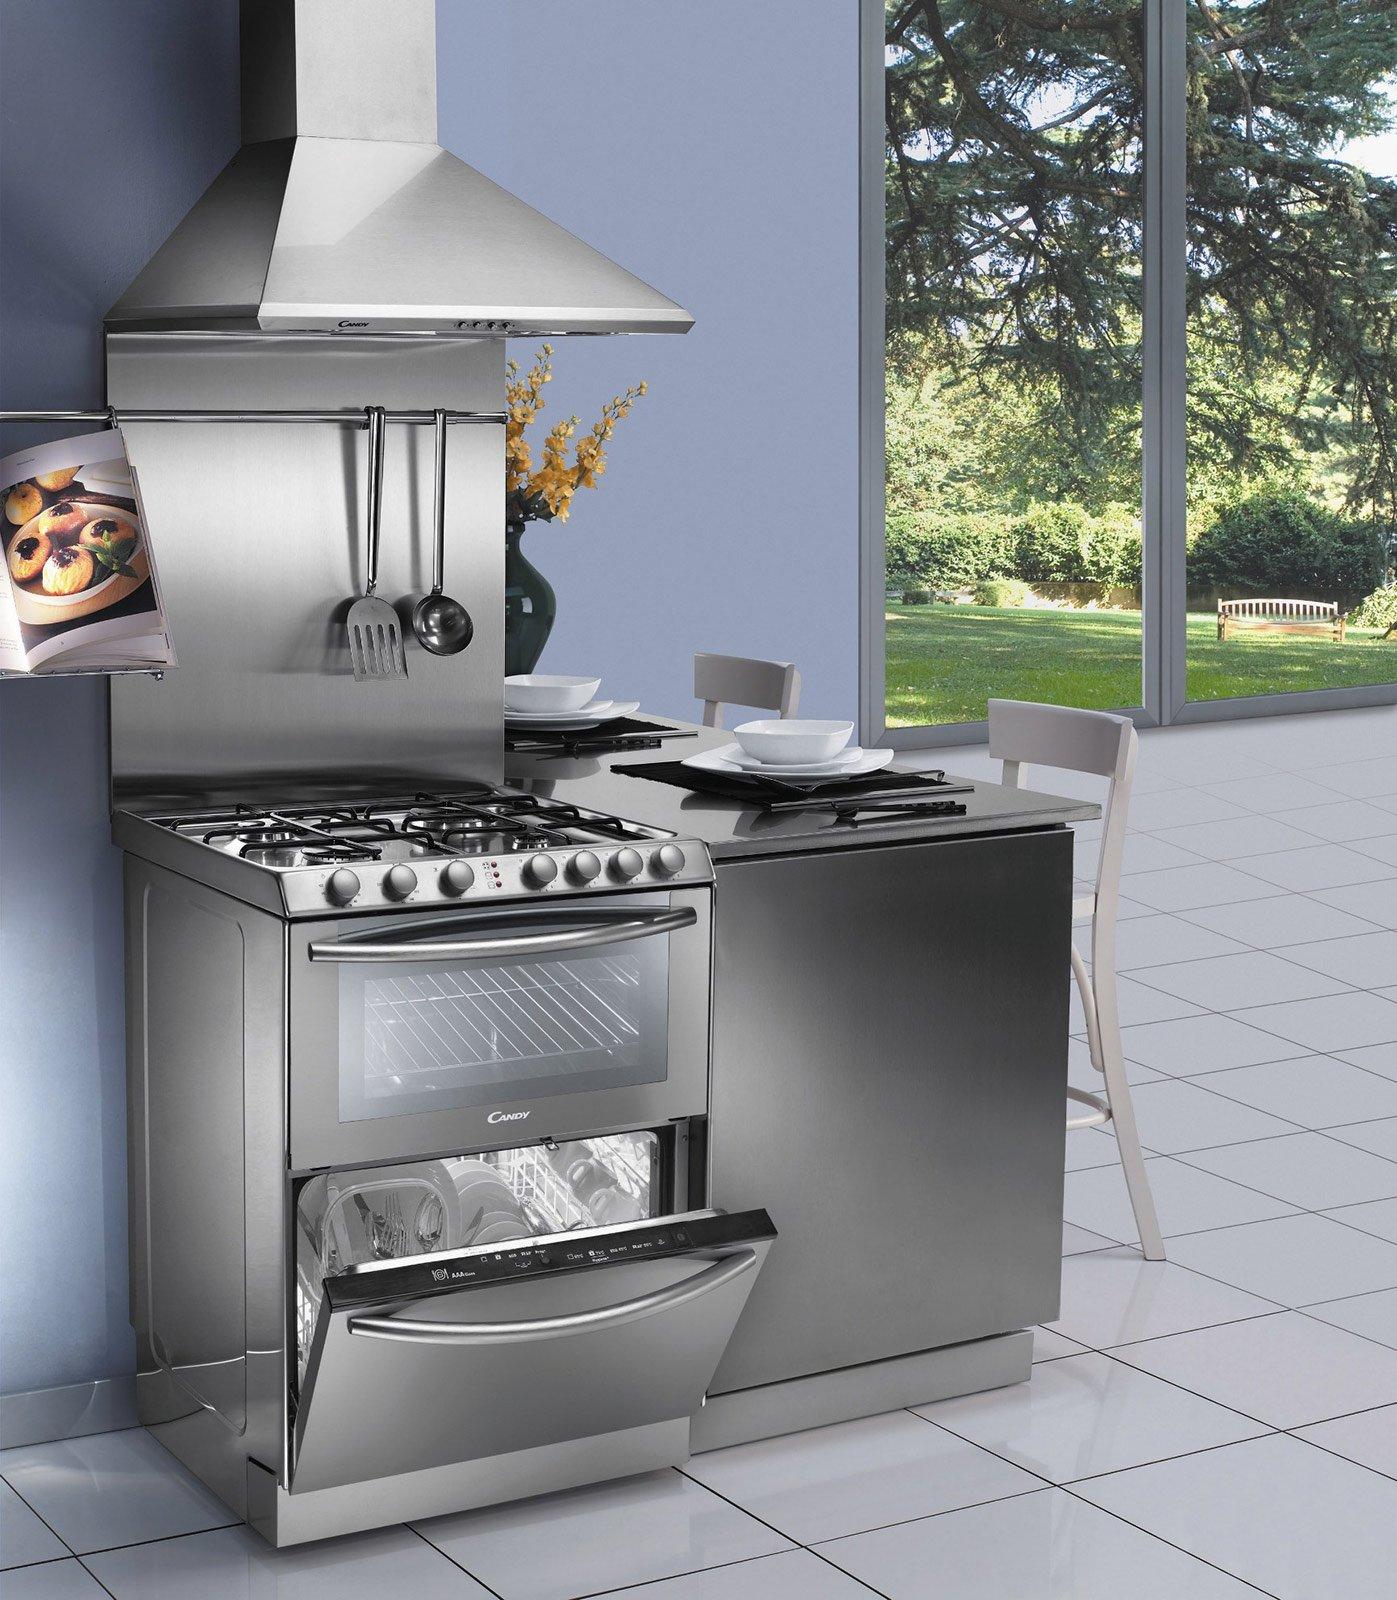 elettrodomestici piccoli per risparmiare spazio - cose di casa - Cucine Ilve Prezzi